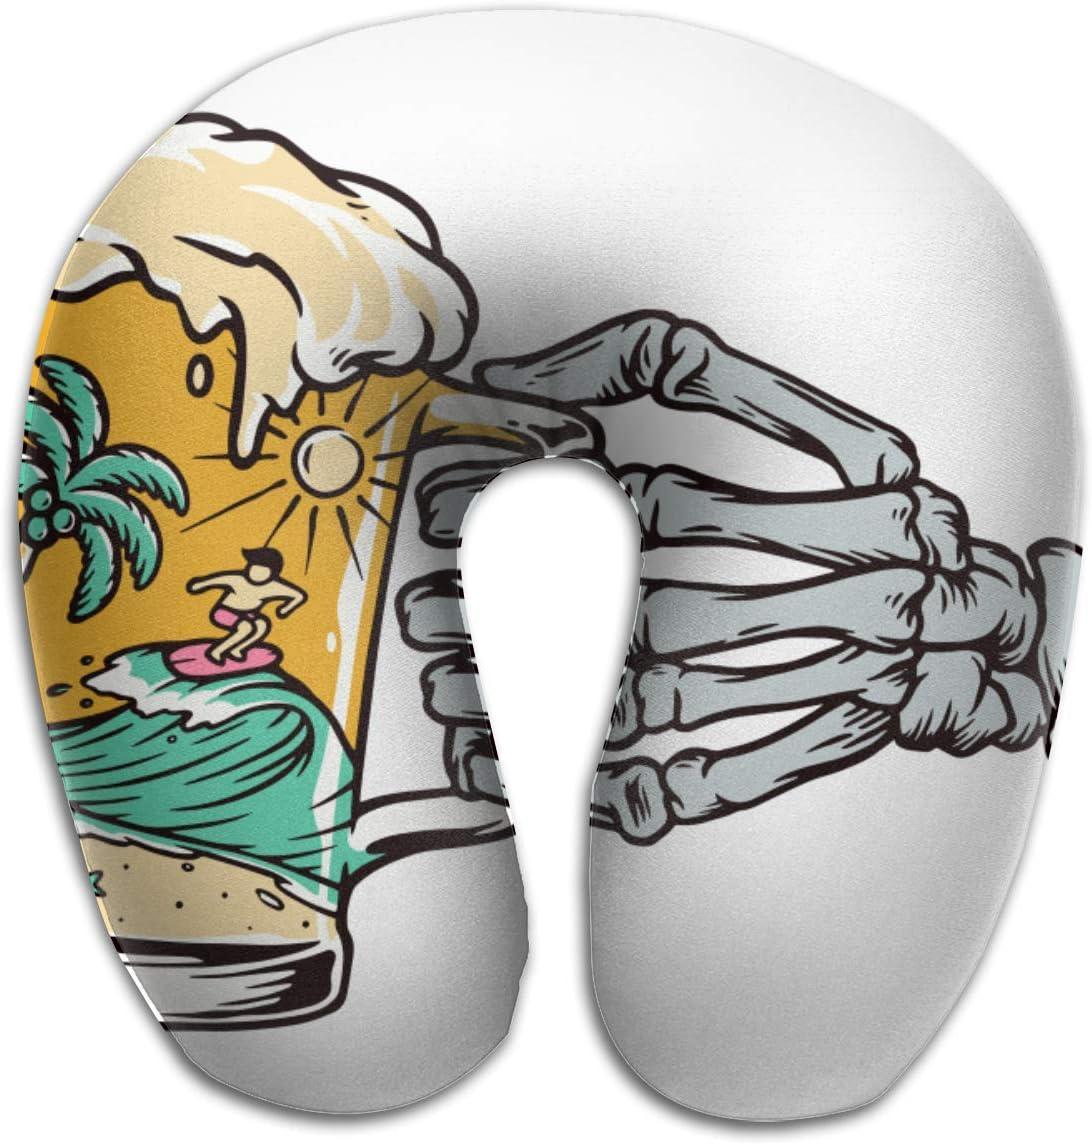 Almohada de viaje en forma de U Jarra de cerveza con mano de esqueleto Playa Surfer Tree Adultos Estudiantes Almohada Travell transpirable en forma de U Almohada de apoyo para el cuello y la cabeza l